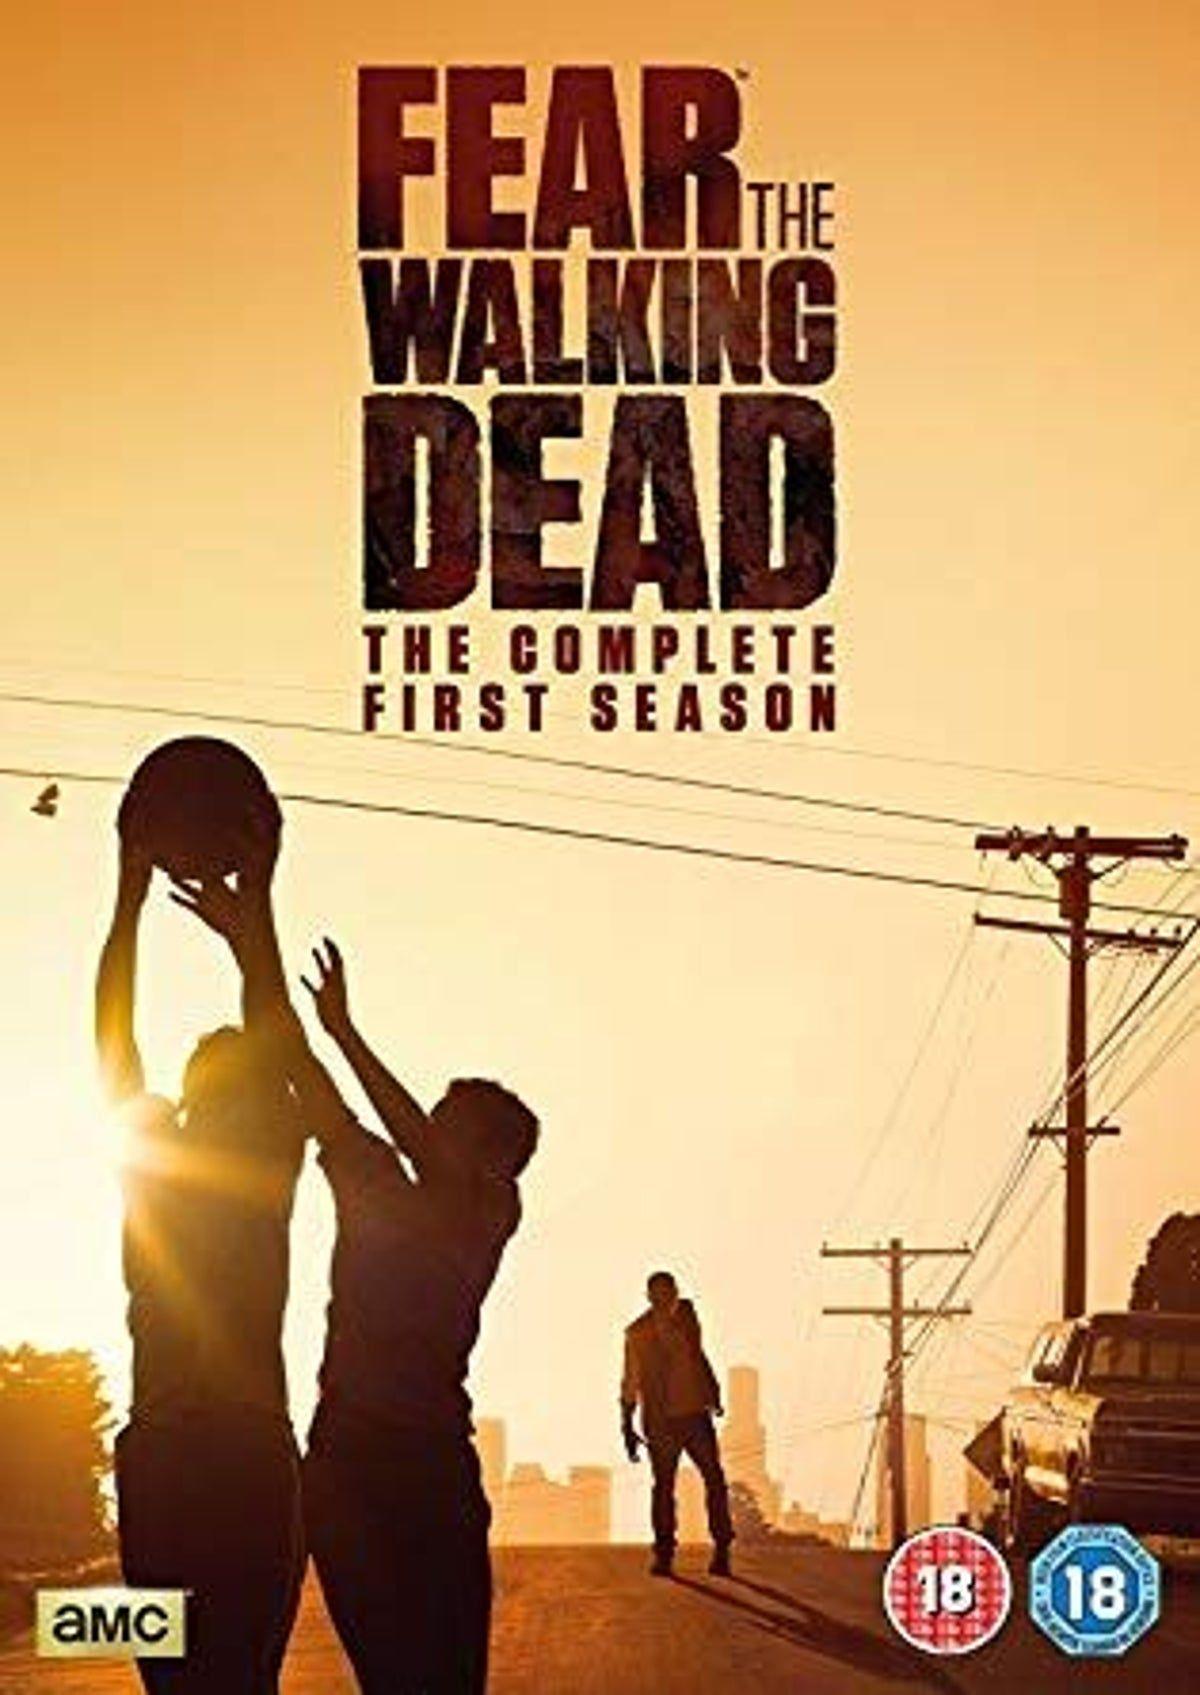 Fear The Walking Dead Season 1 Dvd On Mercari In 2020 Fear The Walking Dead Fear The Walking The Walking Dead